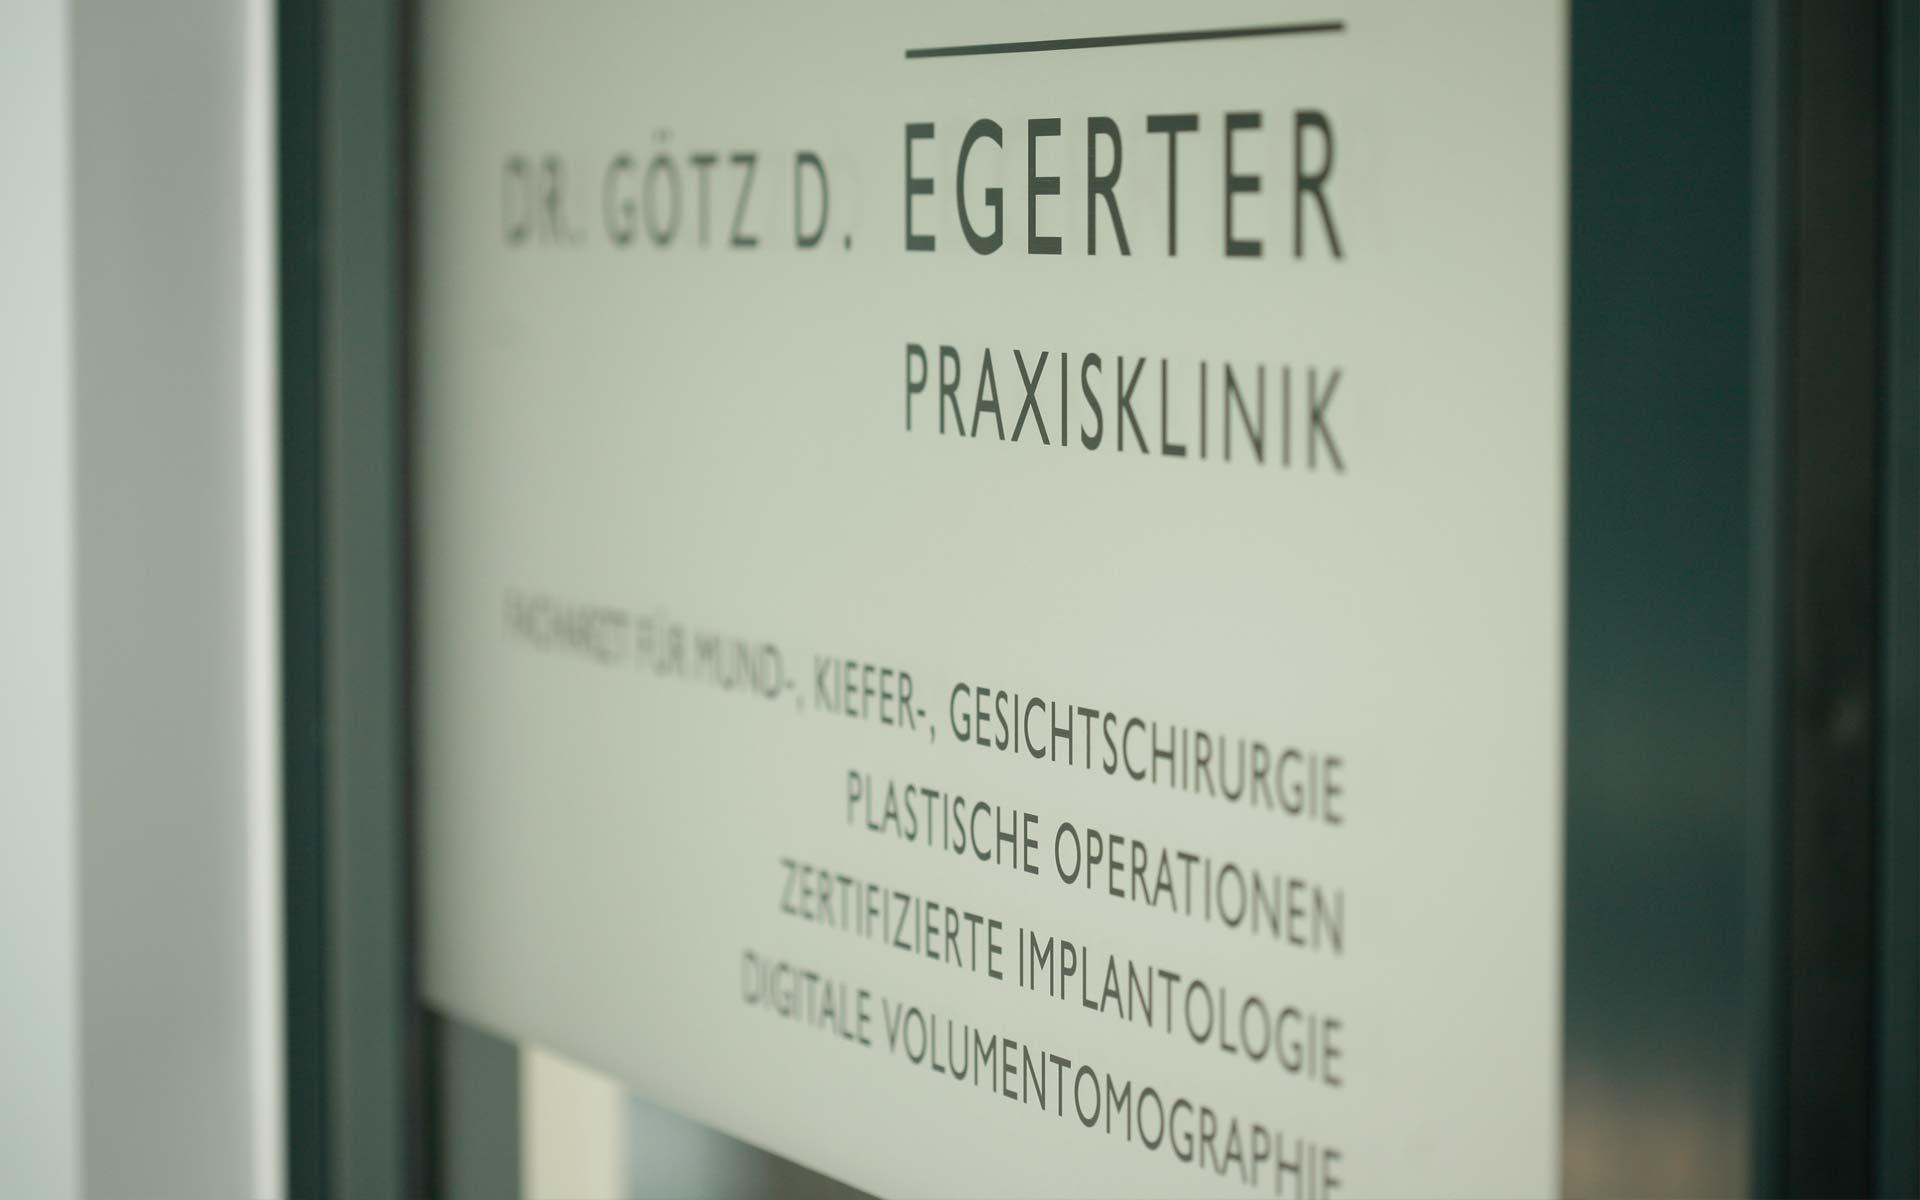 Praxisklinik Dr. Götz D. Egerter